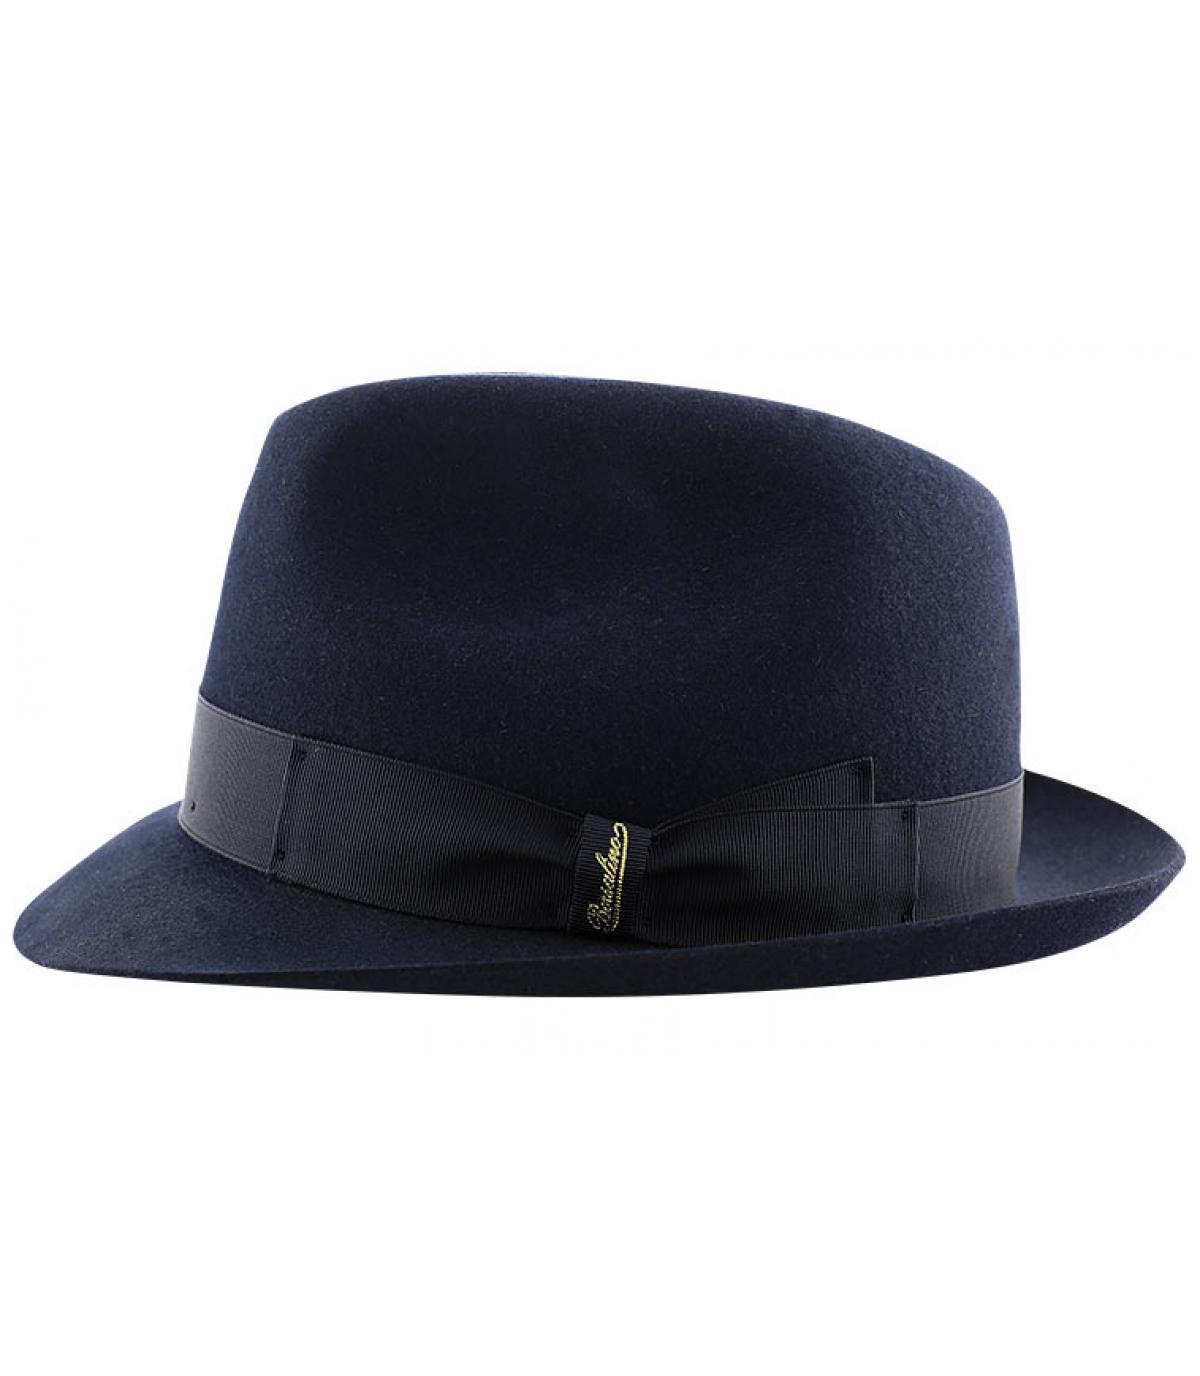 Details Marengo navy fur felt hat - afbeeling 4